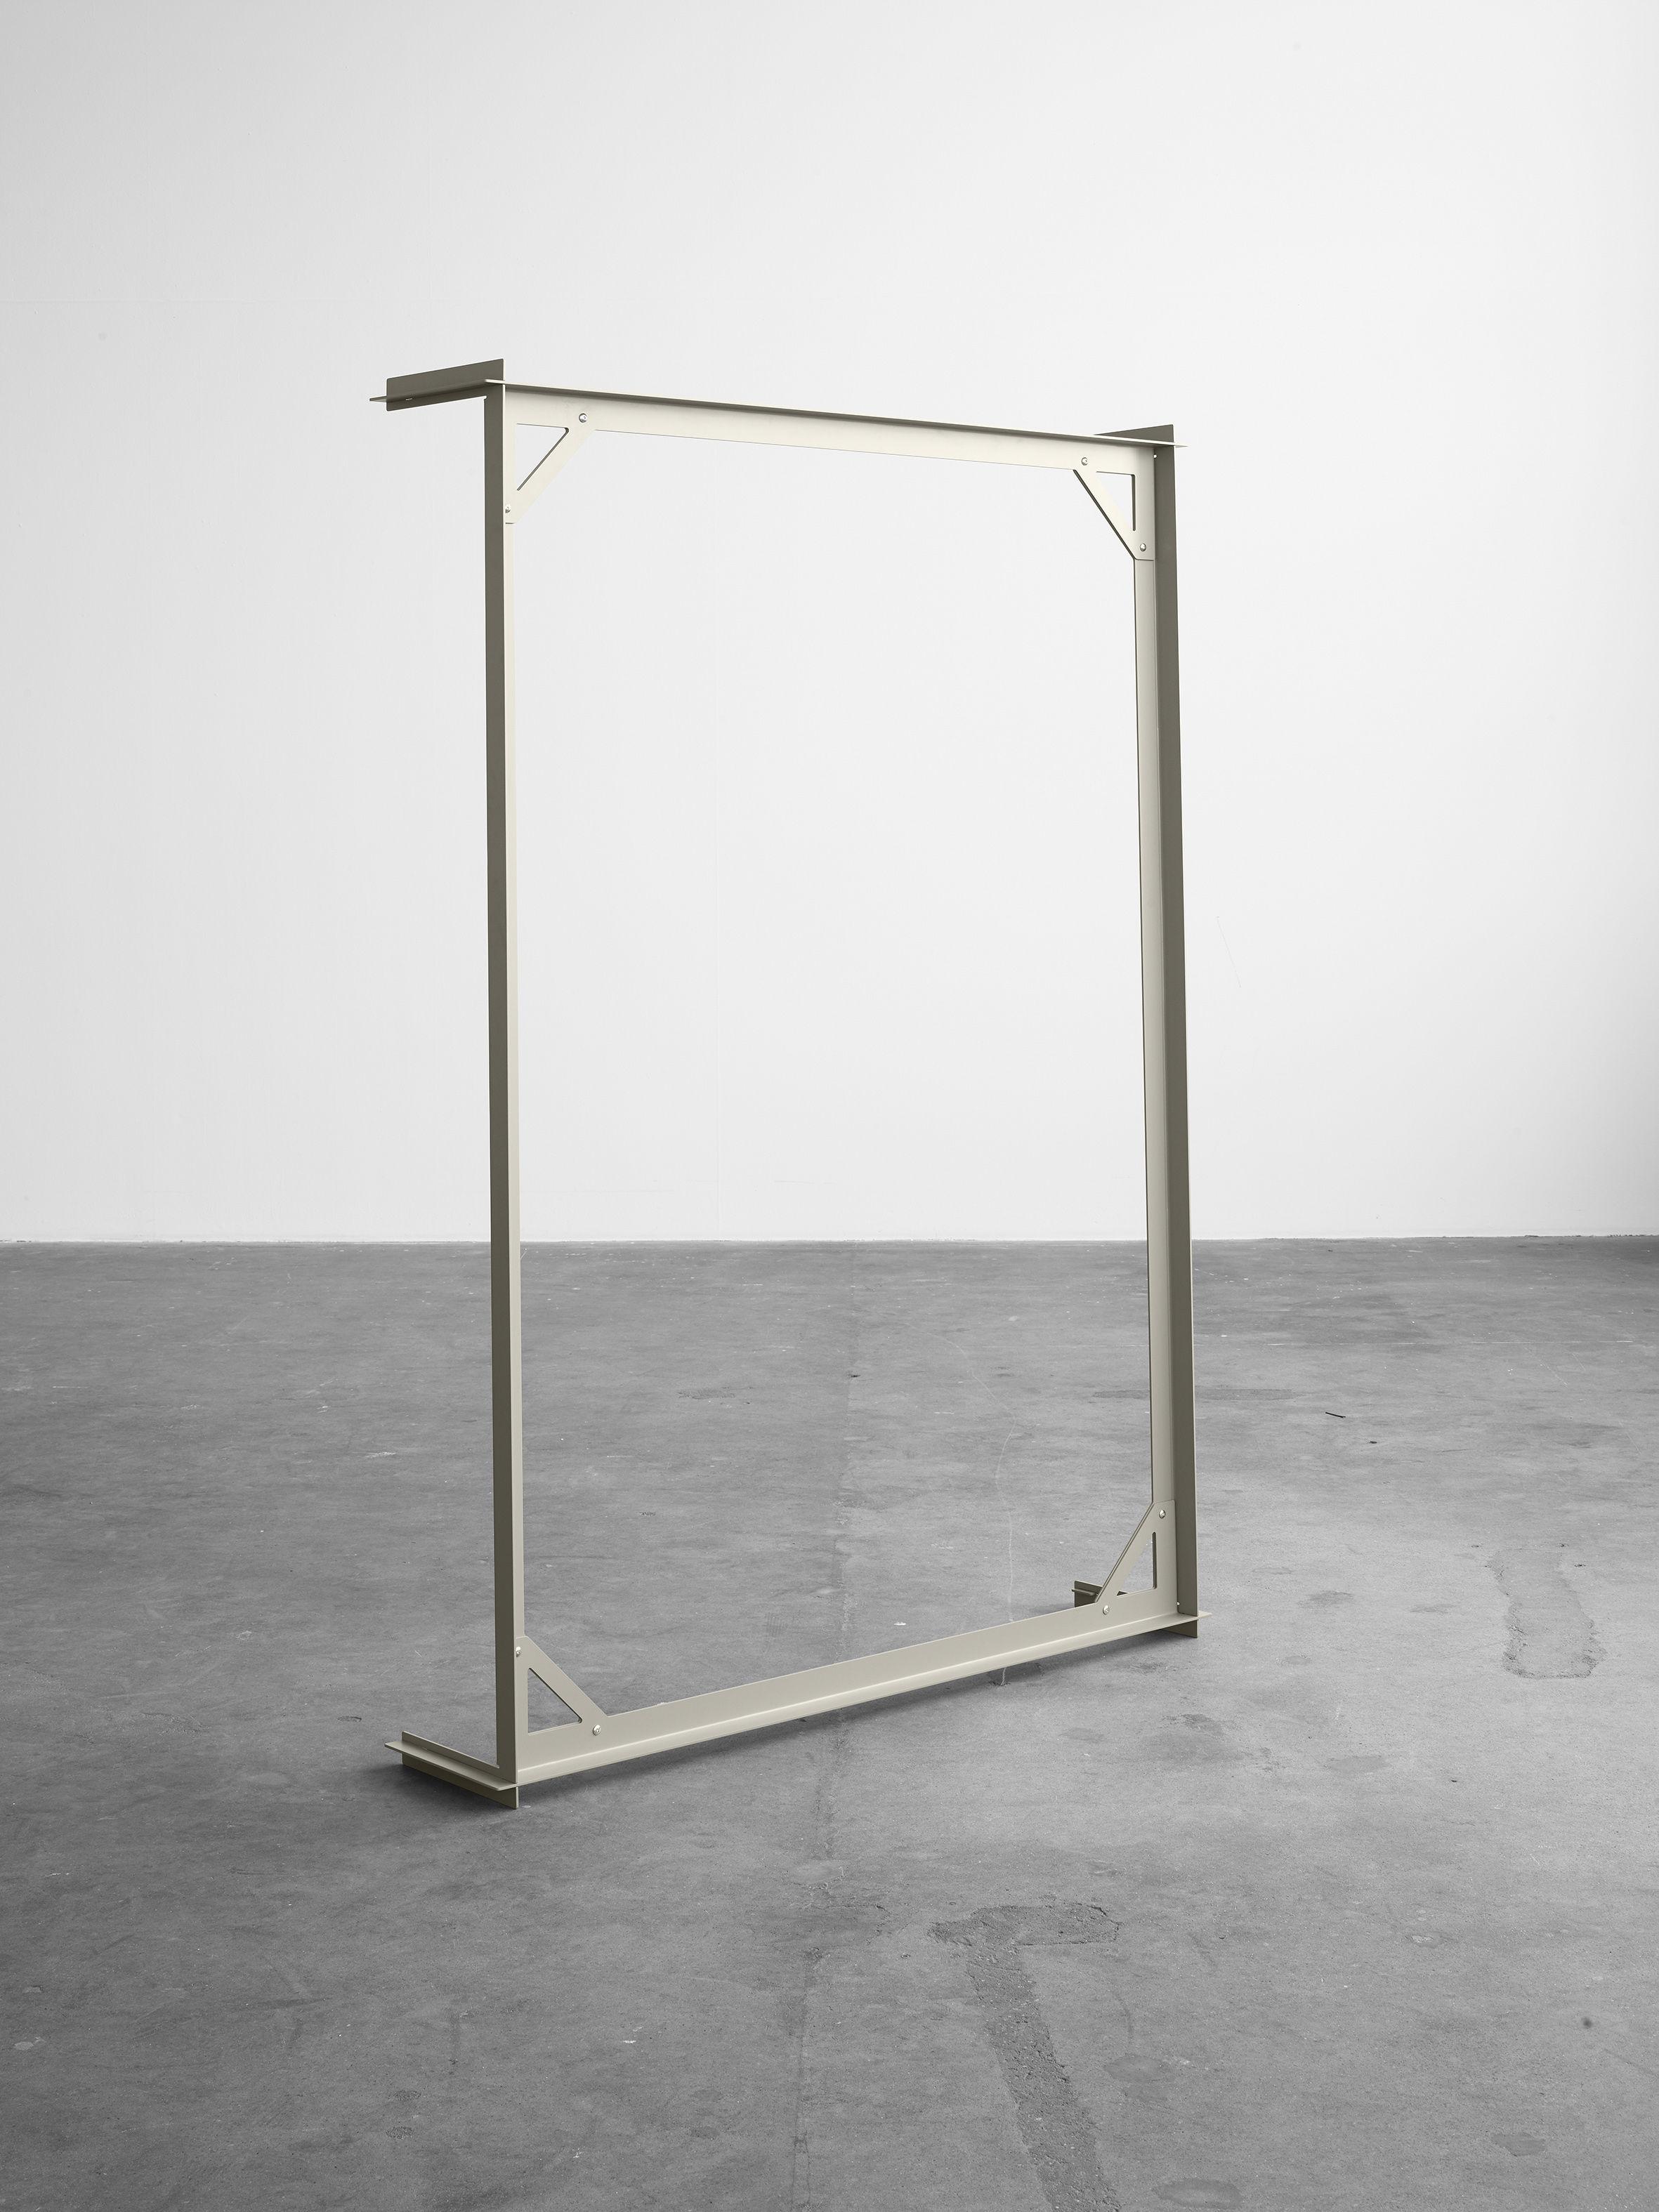 cadre de lit connect m tal 180 x 200 cm 180 x 200 cm blanc hay. Black Bedroom Furniture Sets. Home Design Ideas